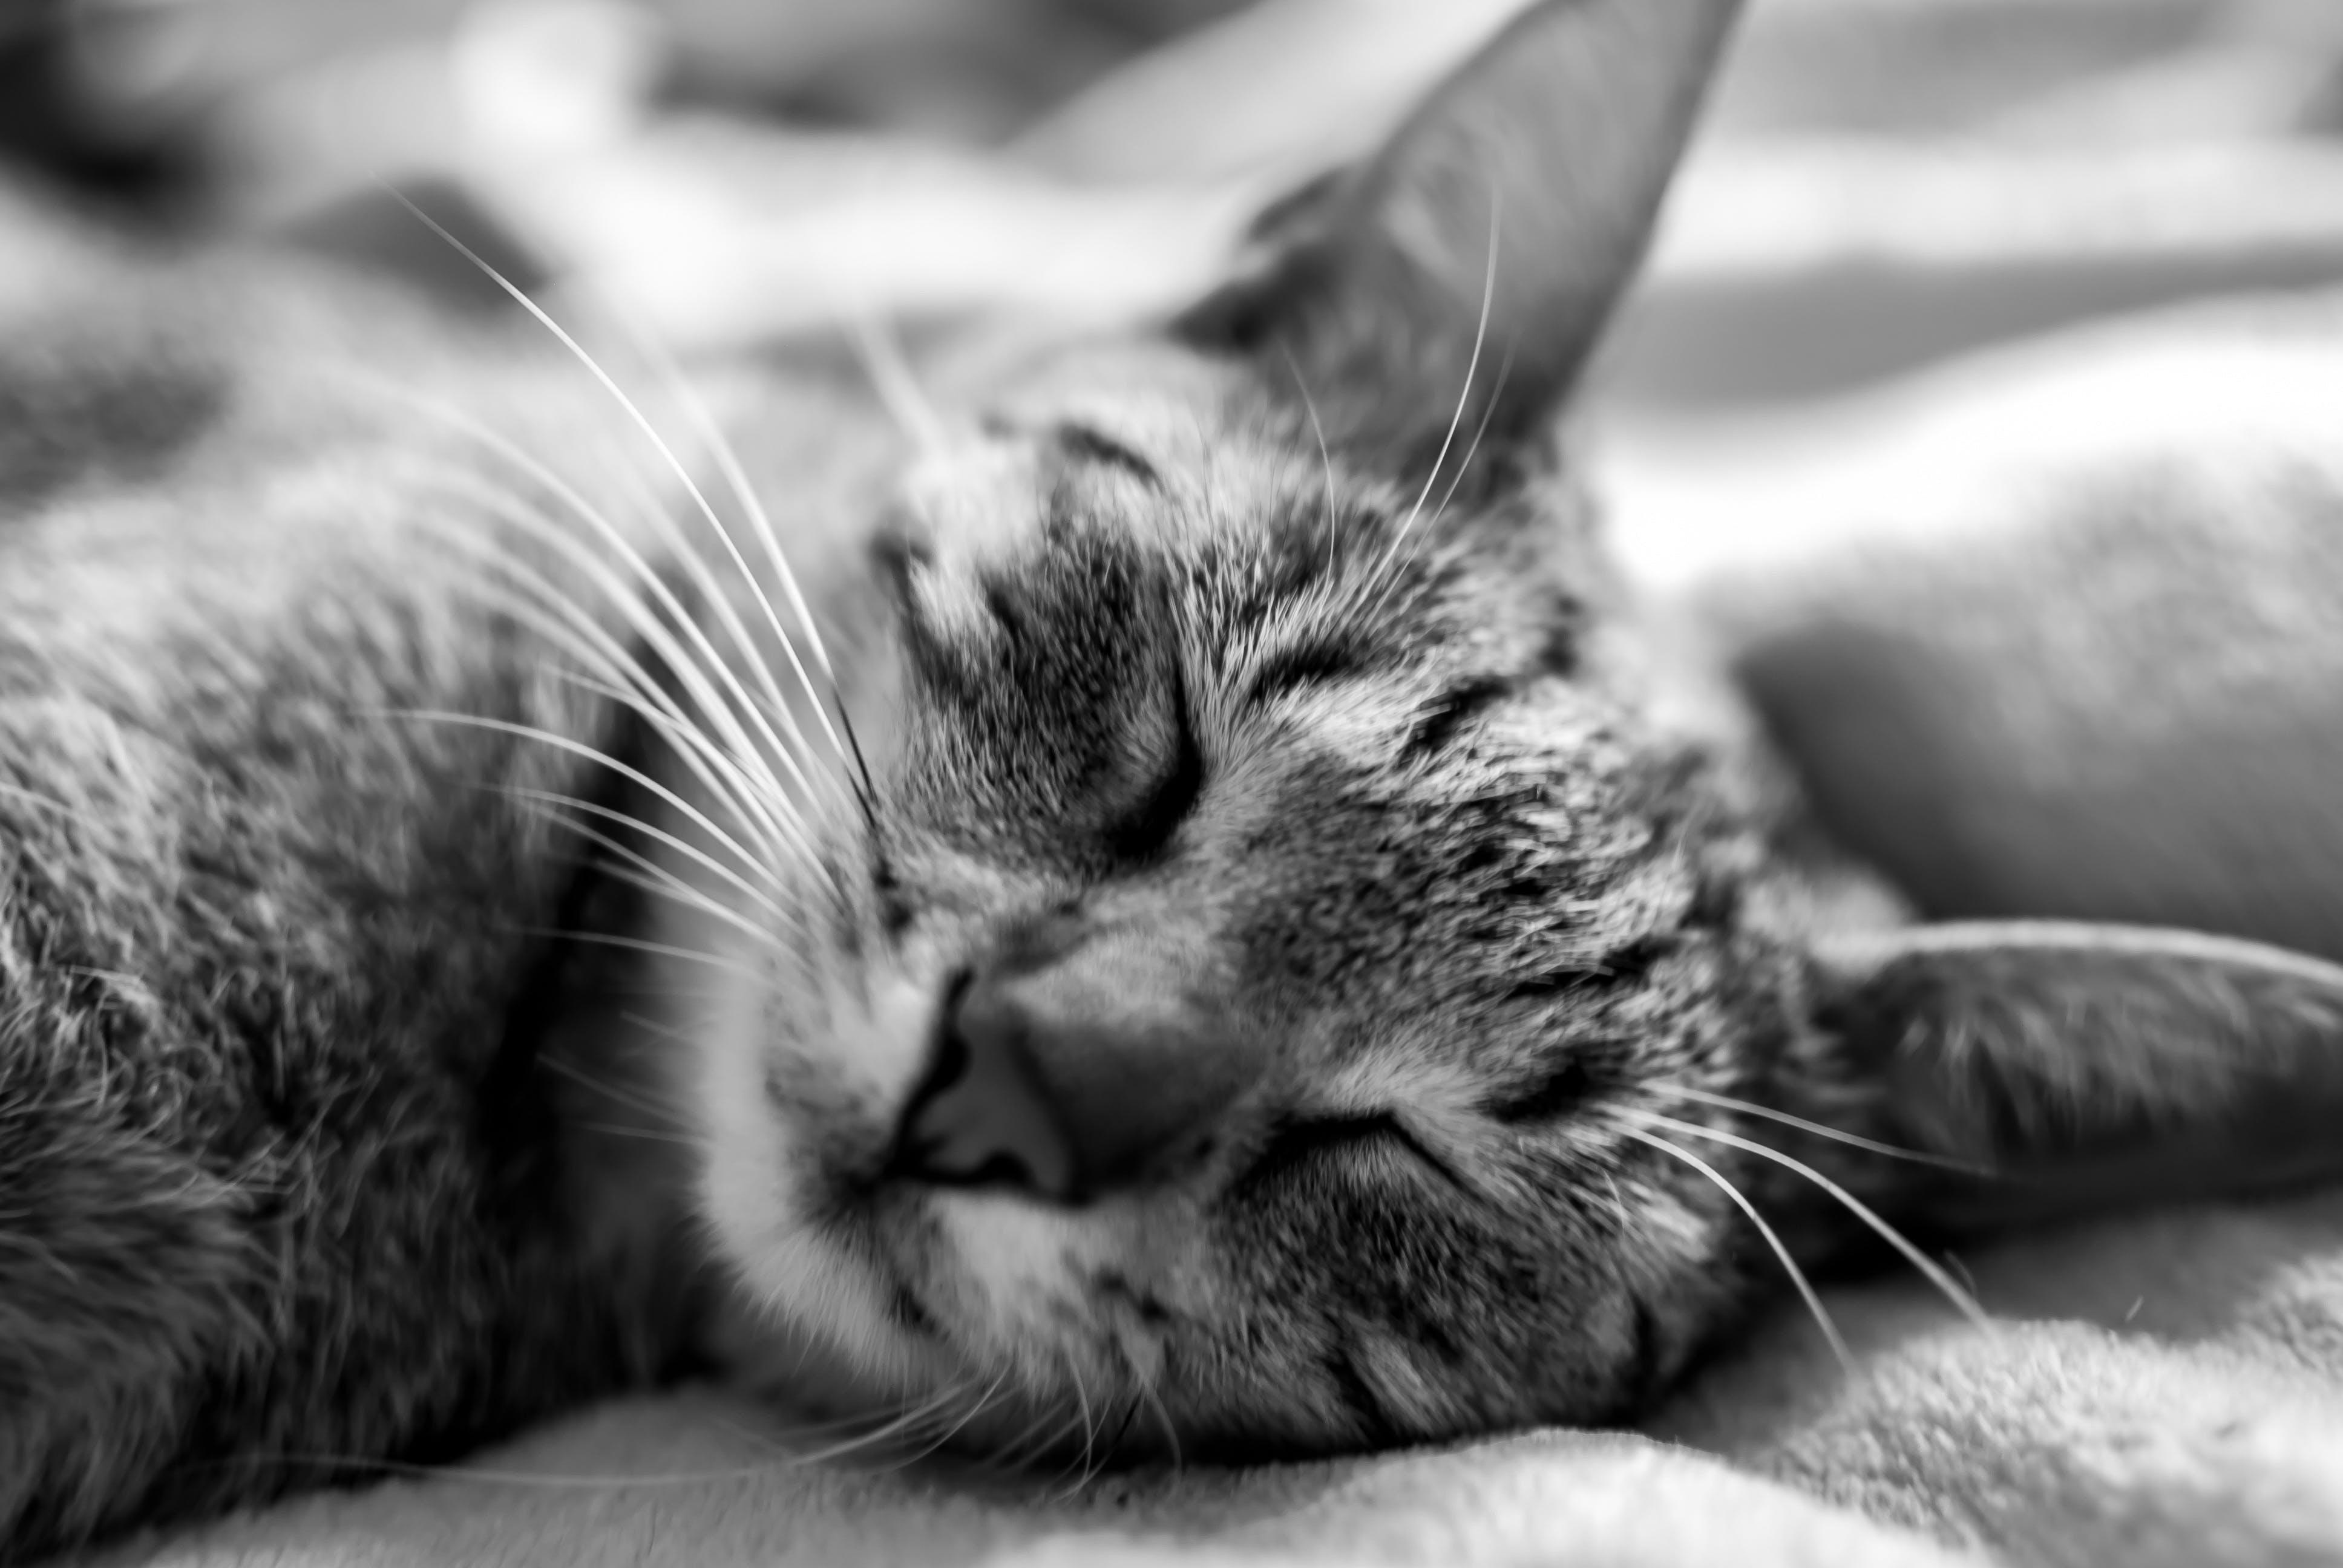 Cat in Close Up